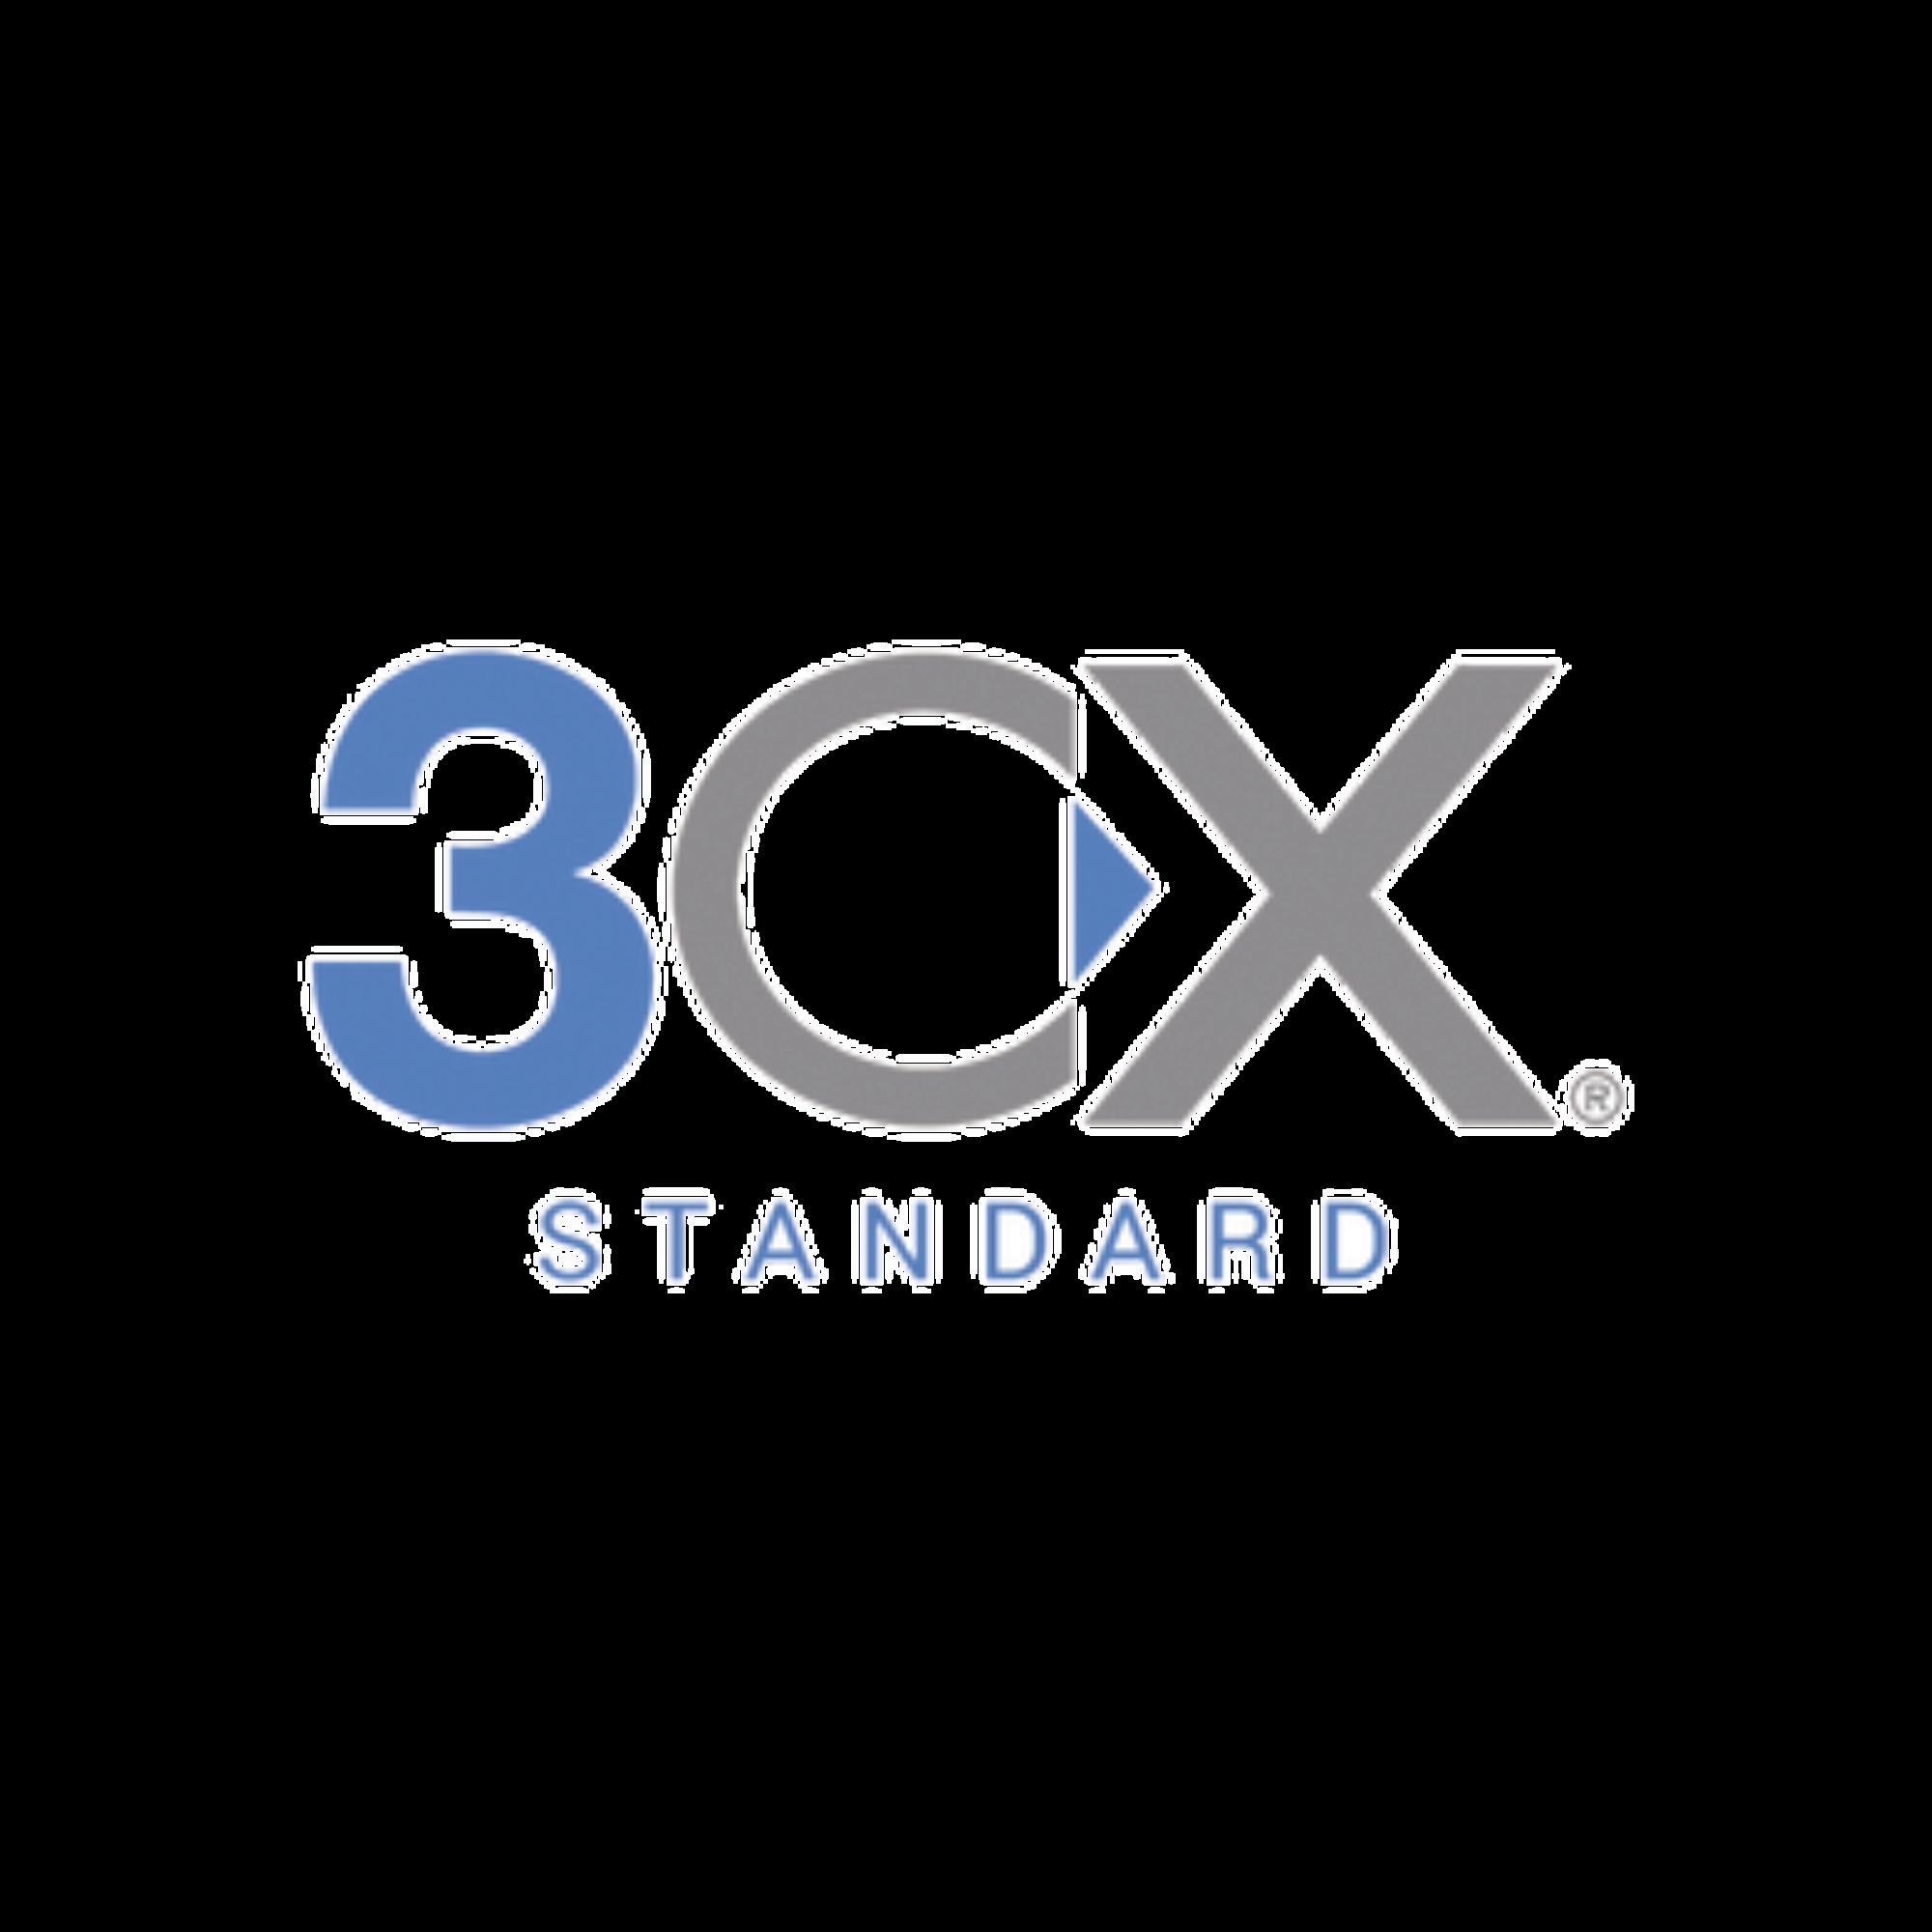 Licencia anual de 3CX Standard para 96 llamadas simultáneas y extensiones ilimitadas